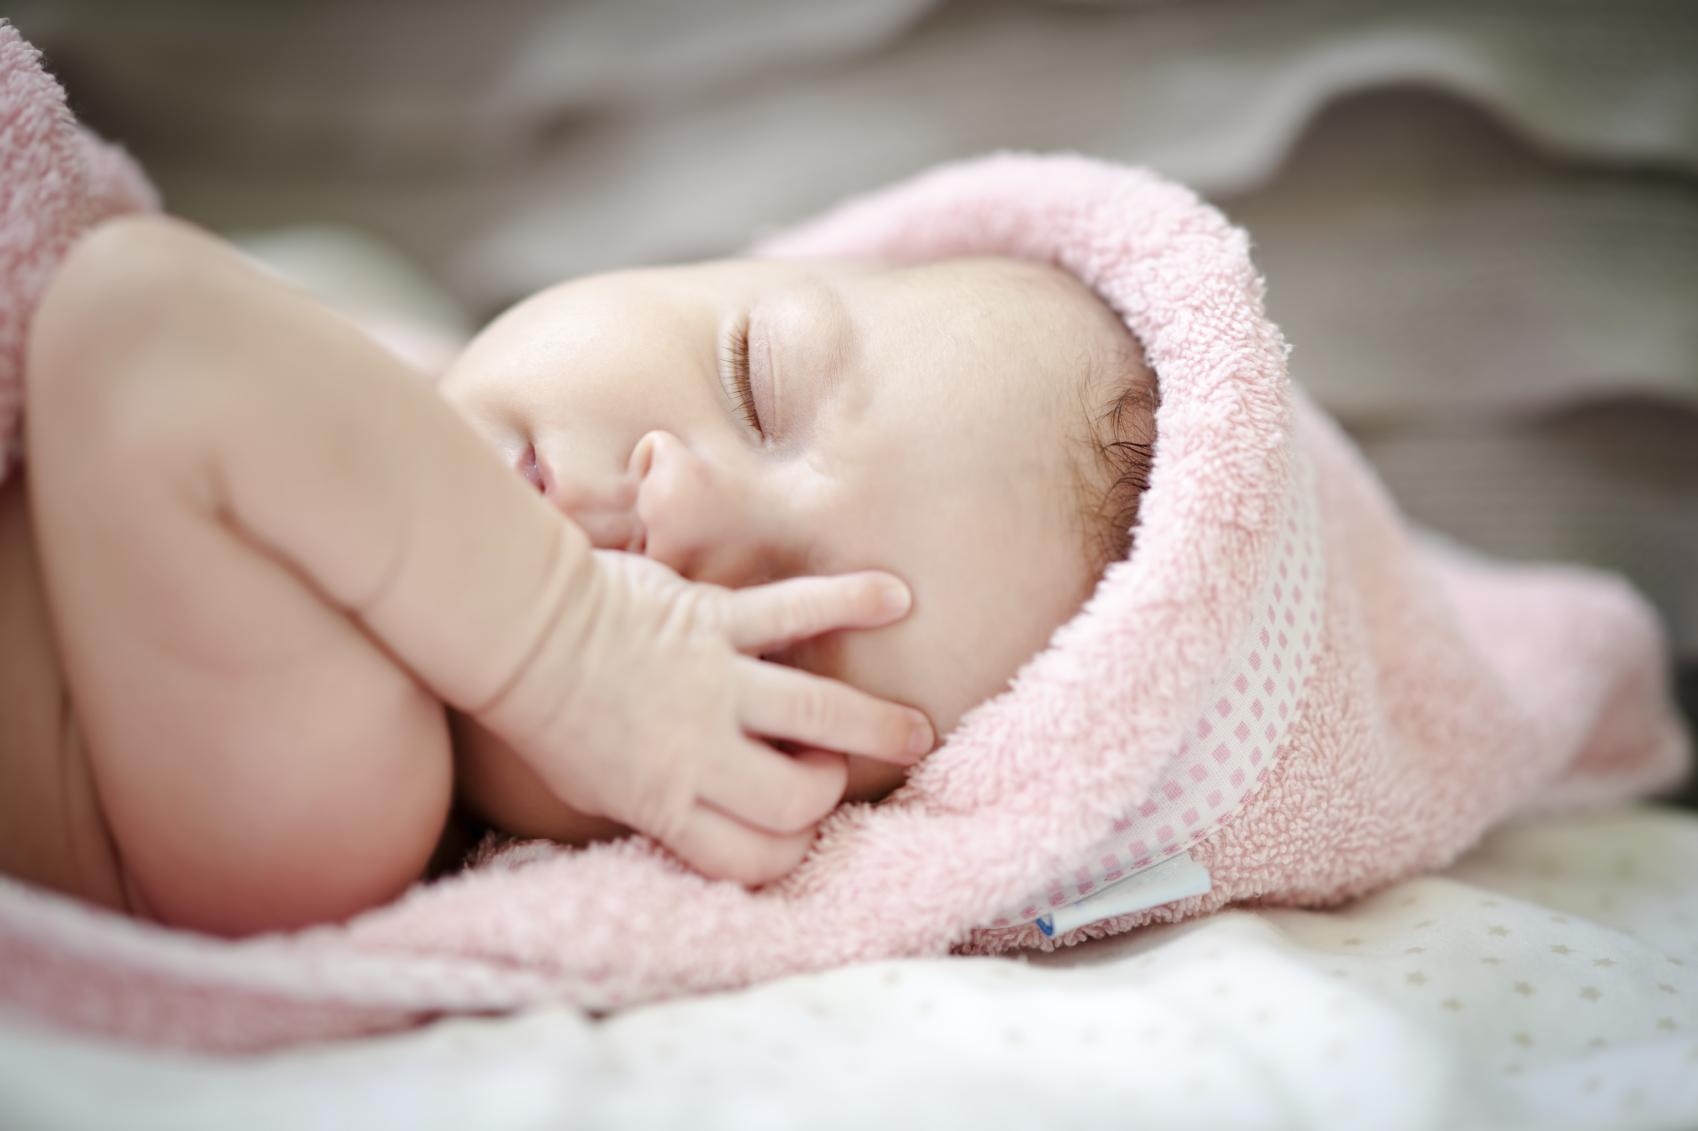 istock generic baby girl pink sleepy_8484